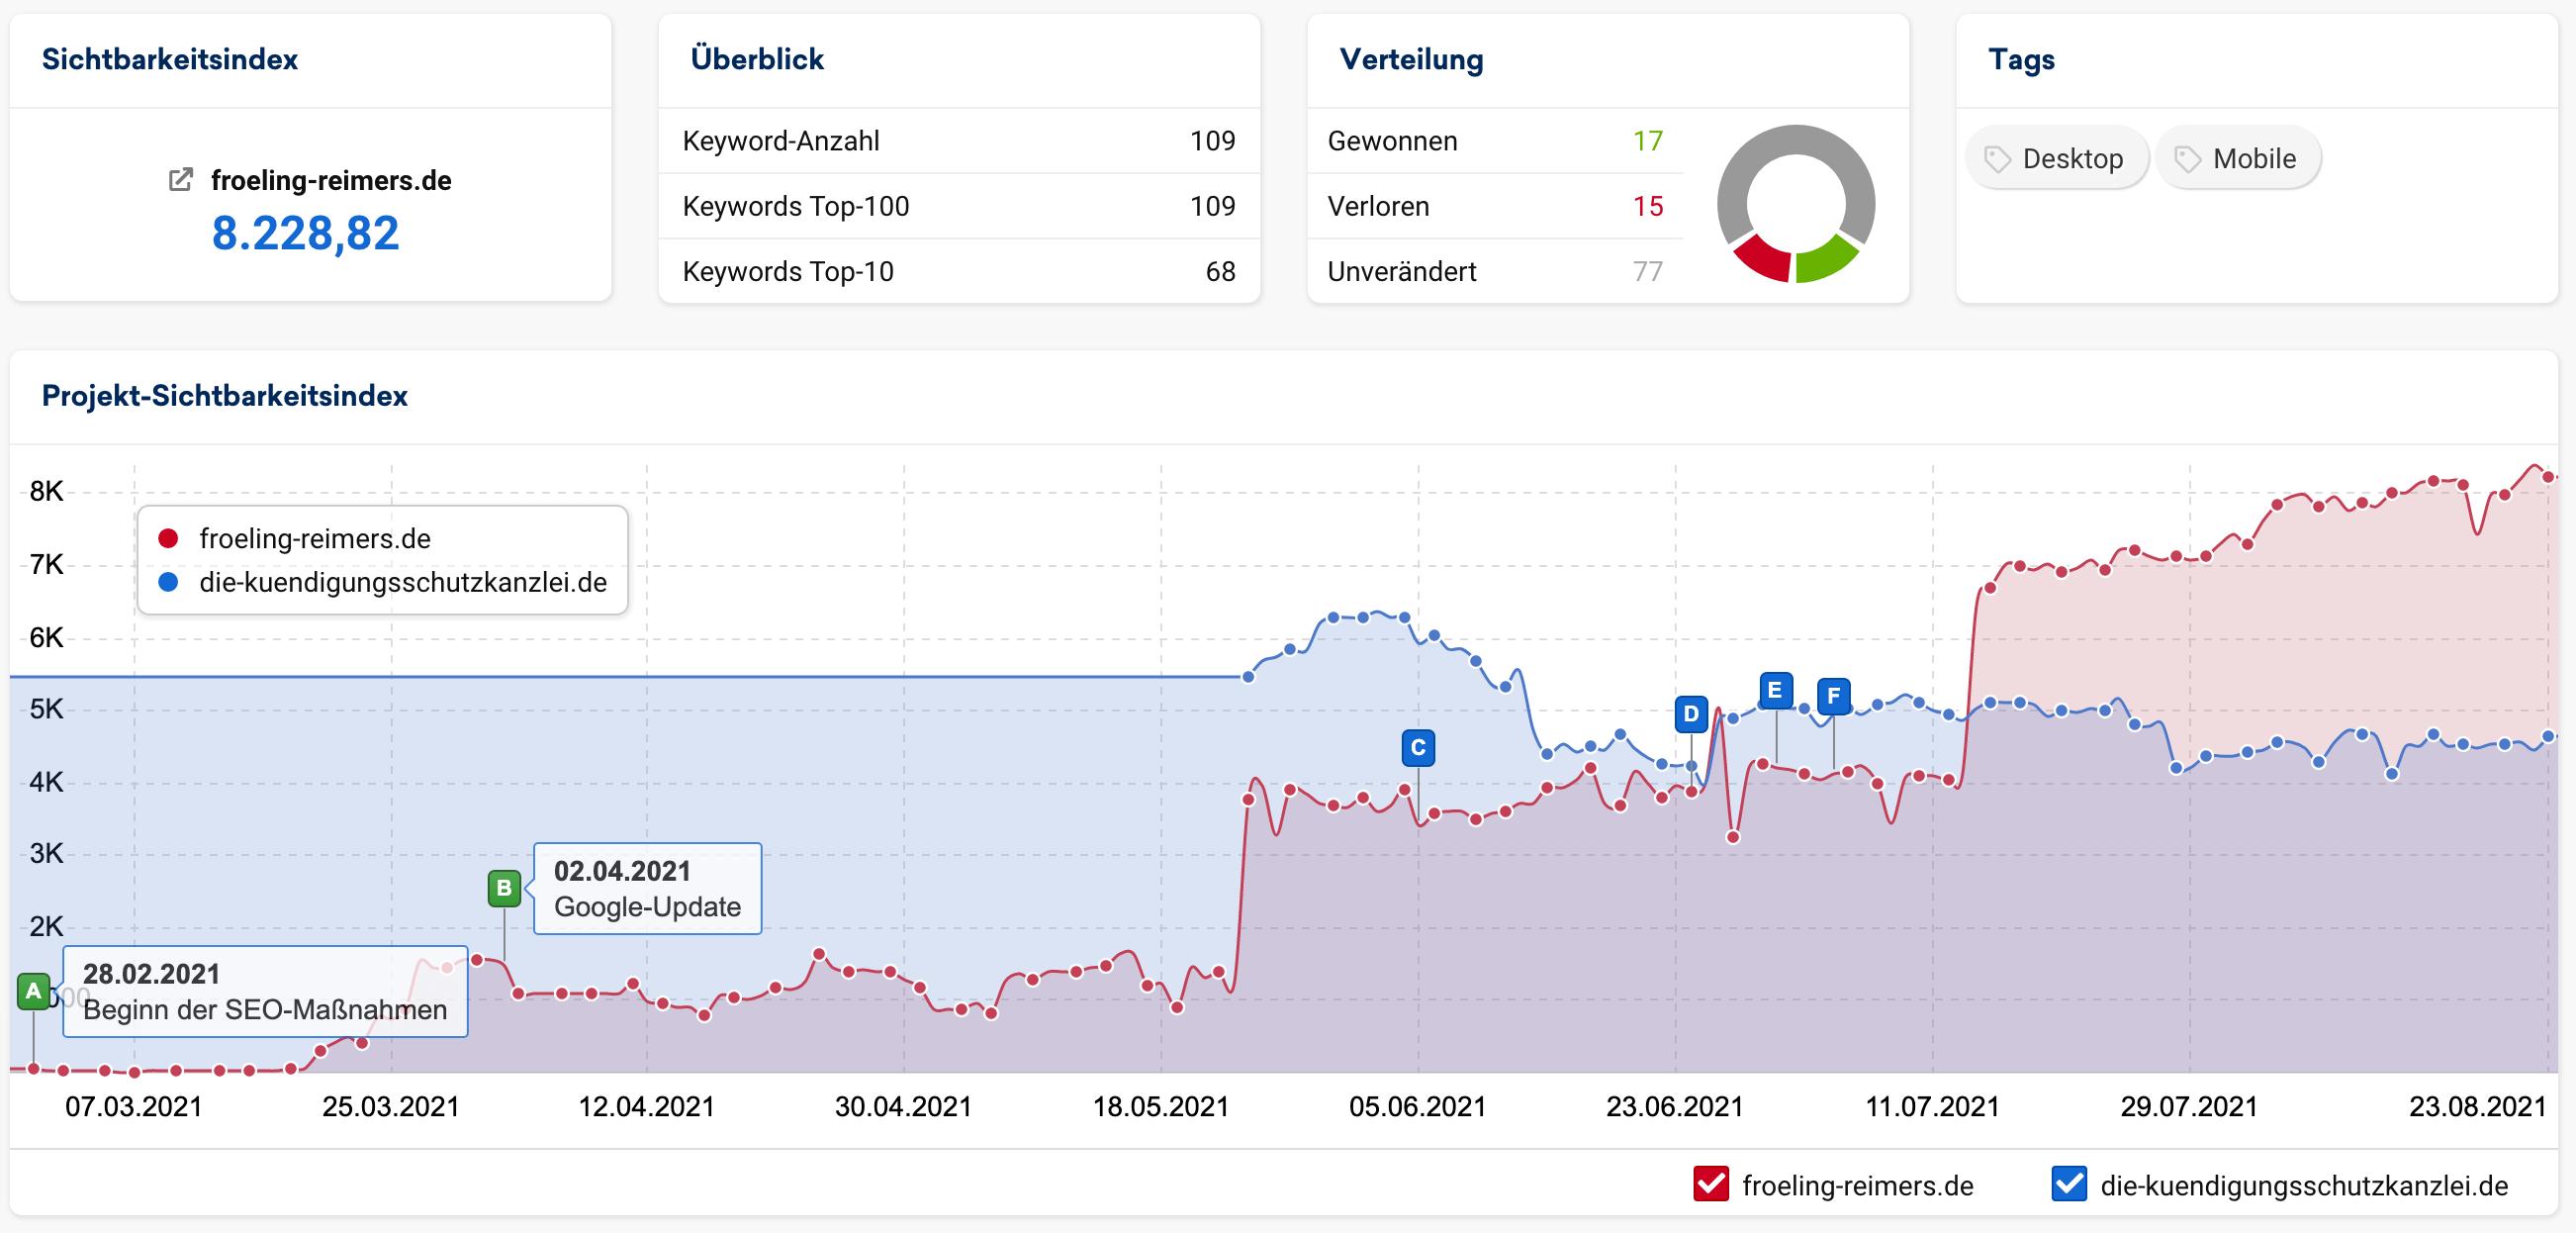 Die Sichtbarkeitsentwicklung eines unserer Kunden durch SEO Hamburg | SEO Agentur Hamburg